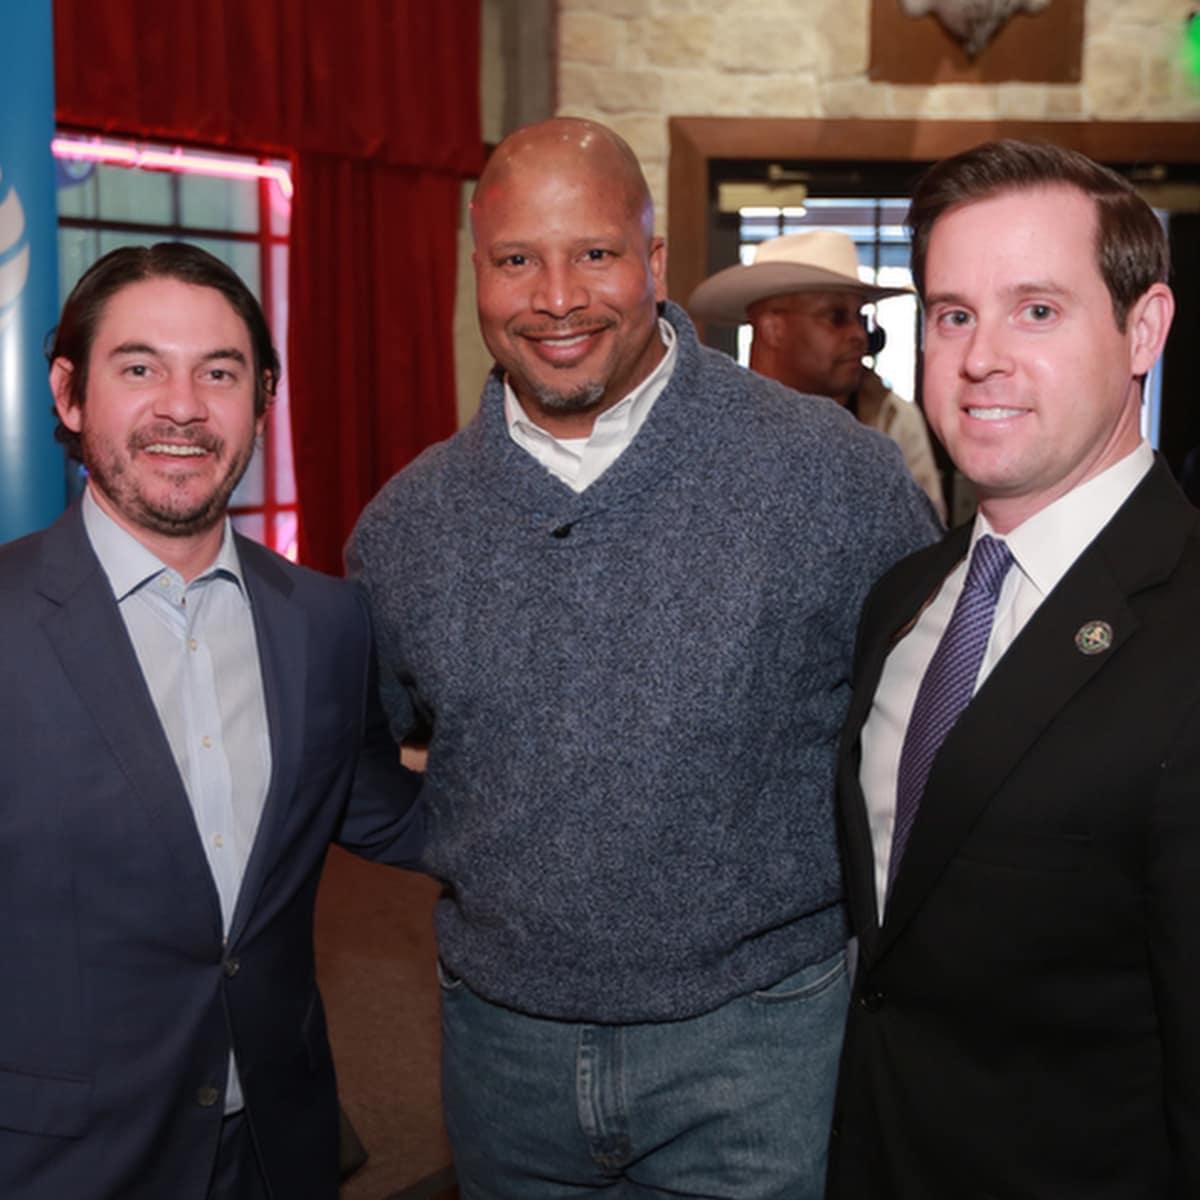 : Joshua Sanders, unidentifed, Chris Brown at Mayor's Rodeo Kickoff Breakfast